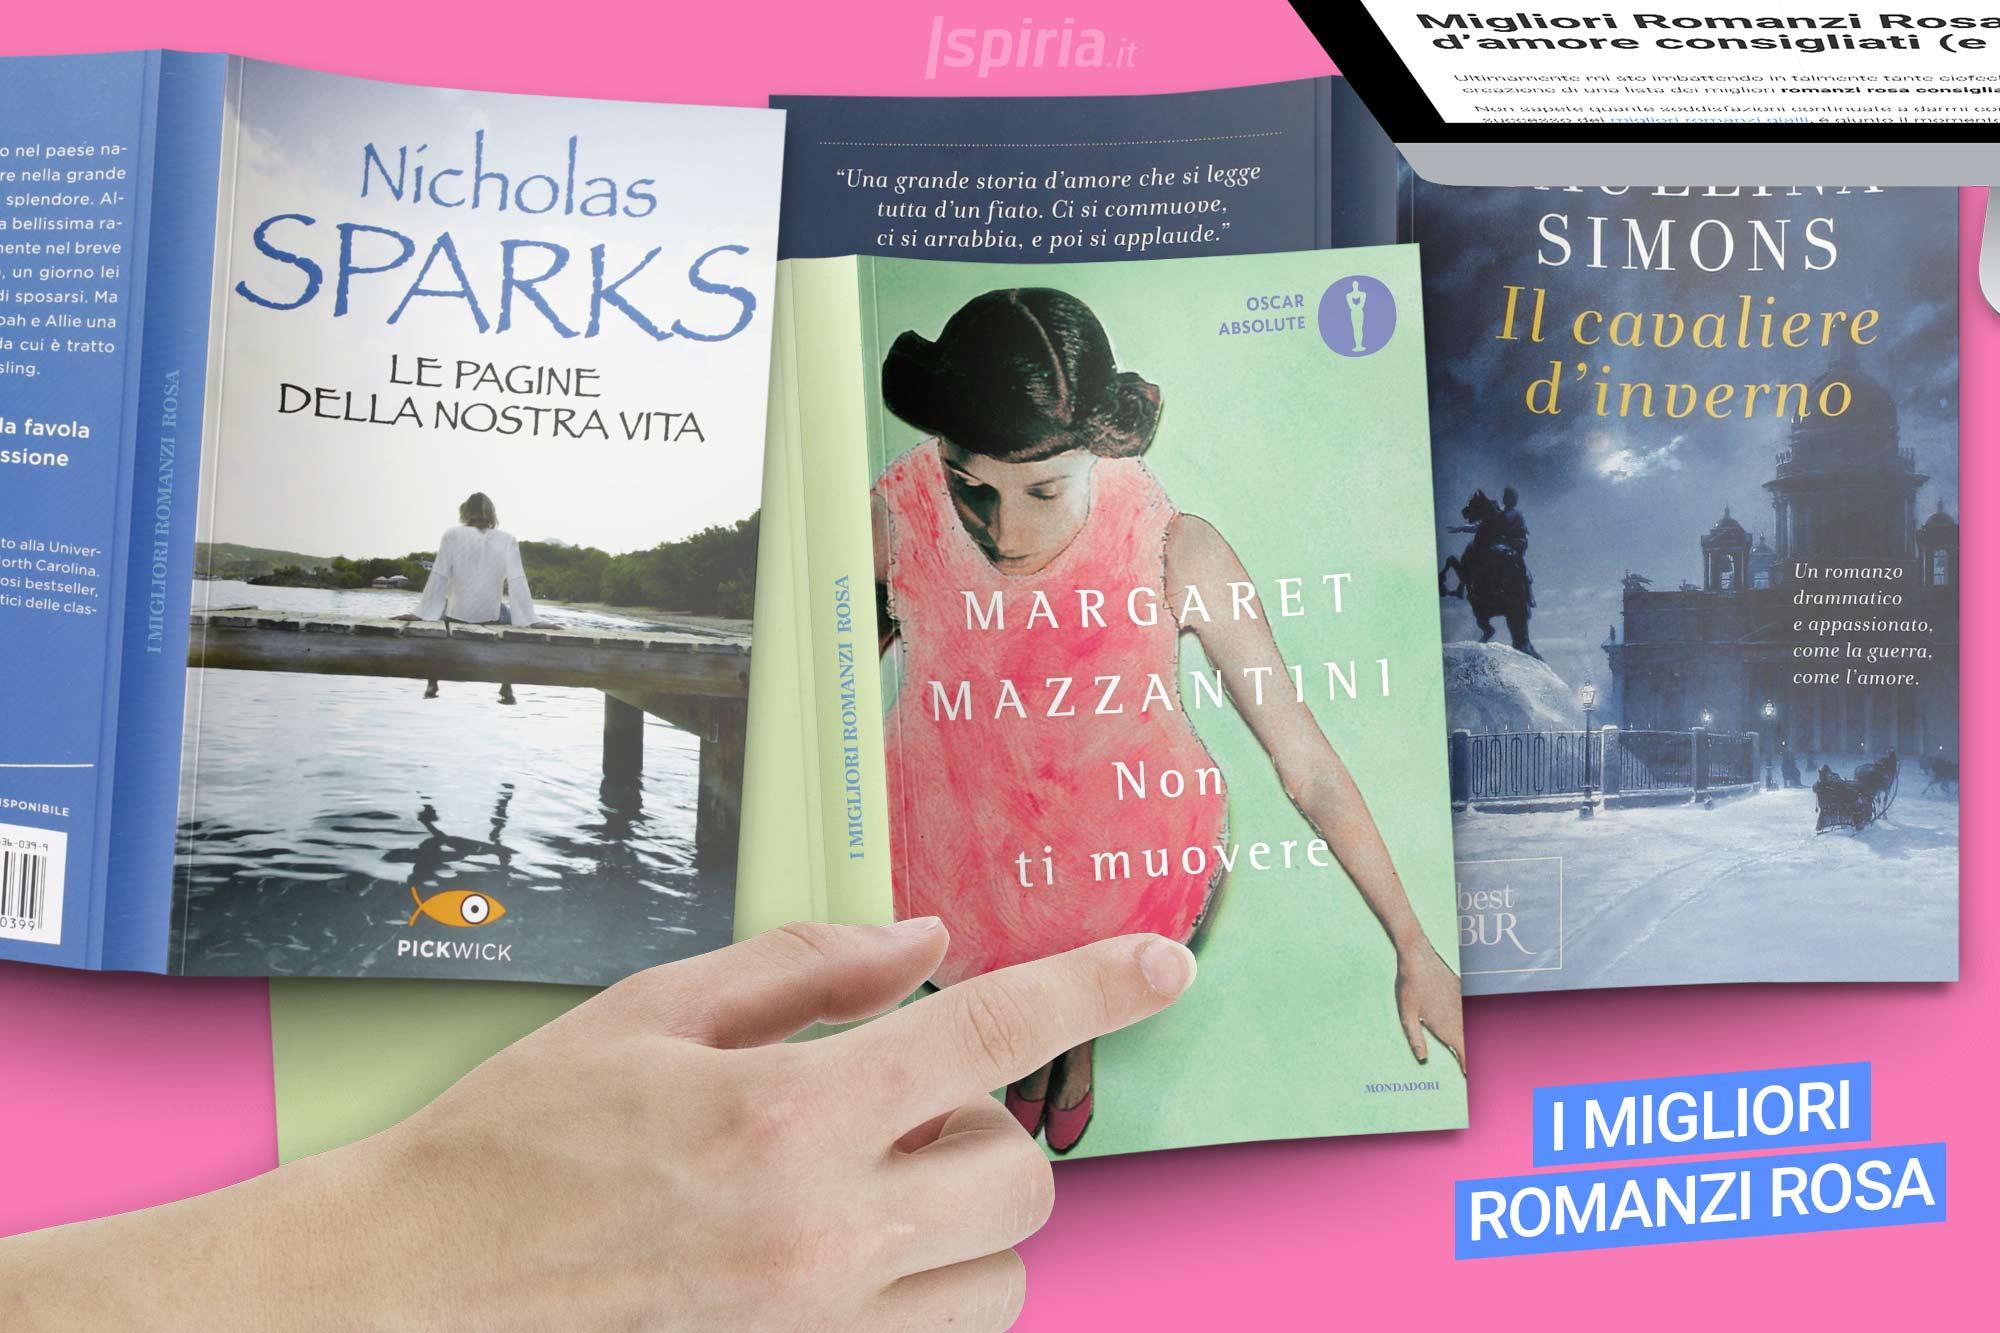 migliori romanzi rosa libri